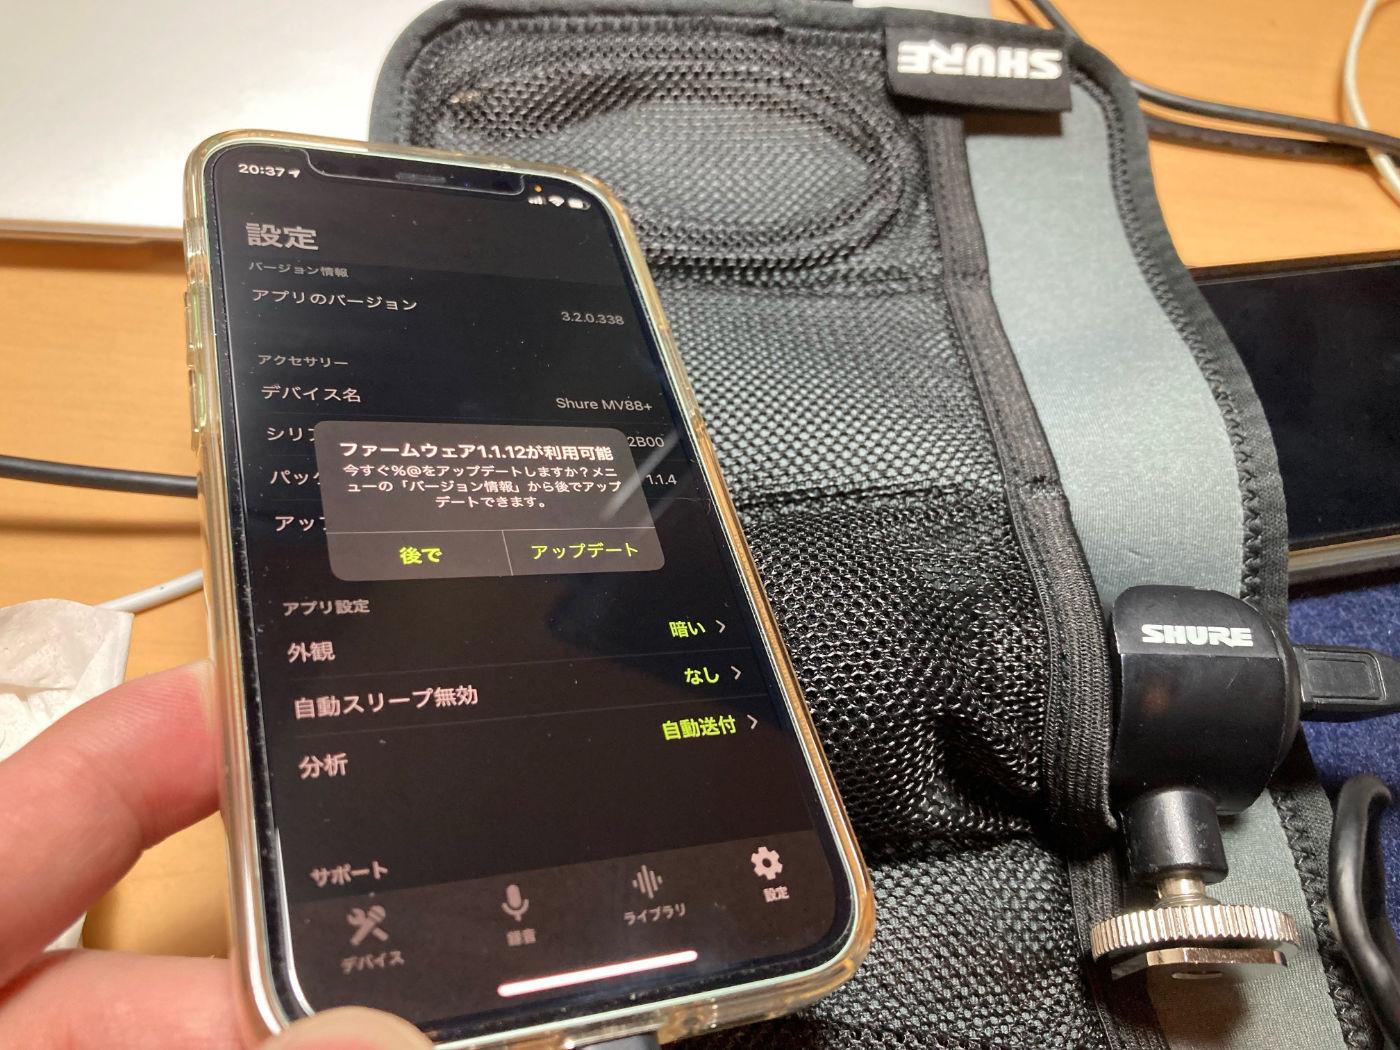 ShureMV88Plus FWUpdate 03